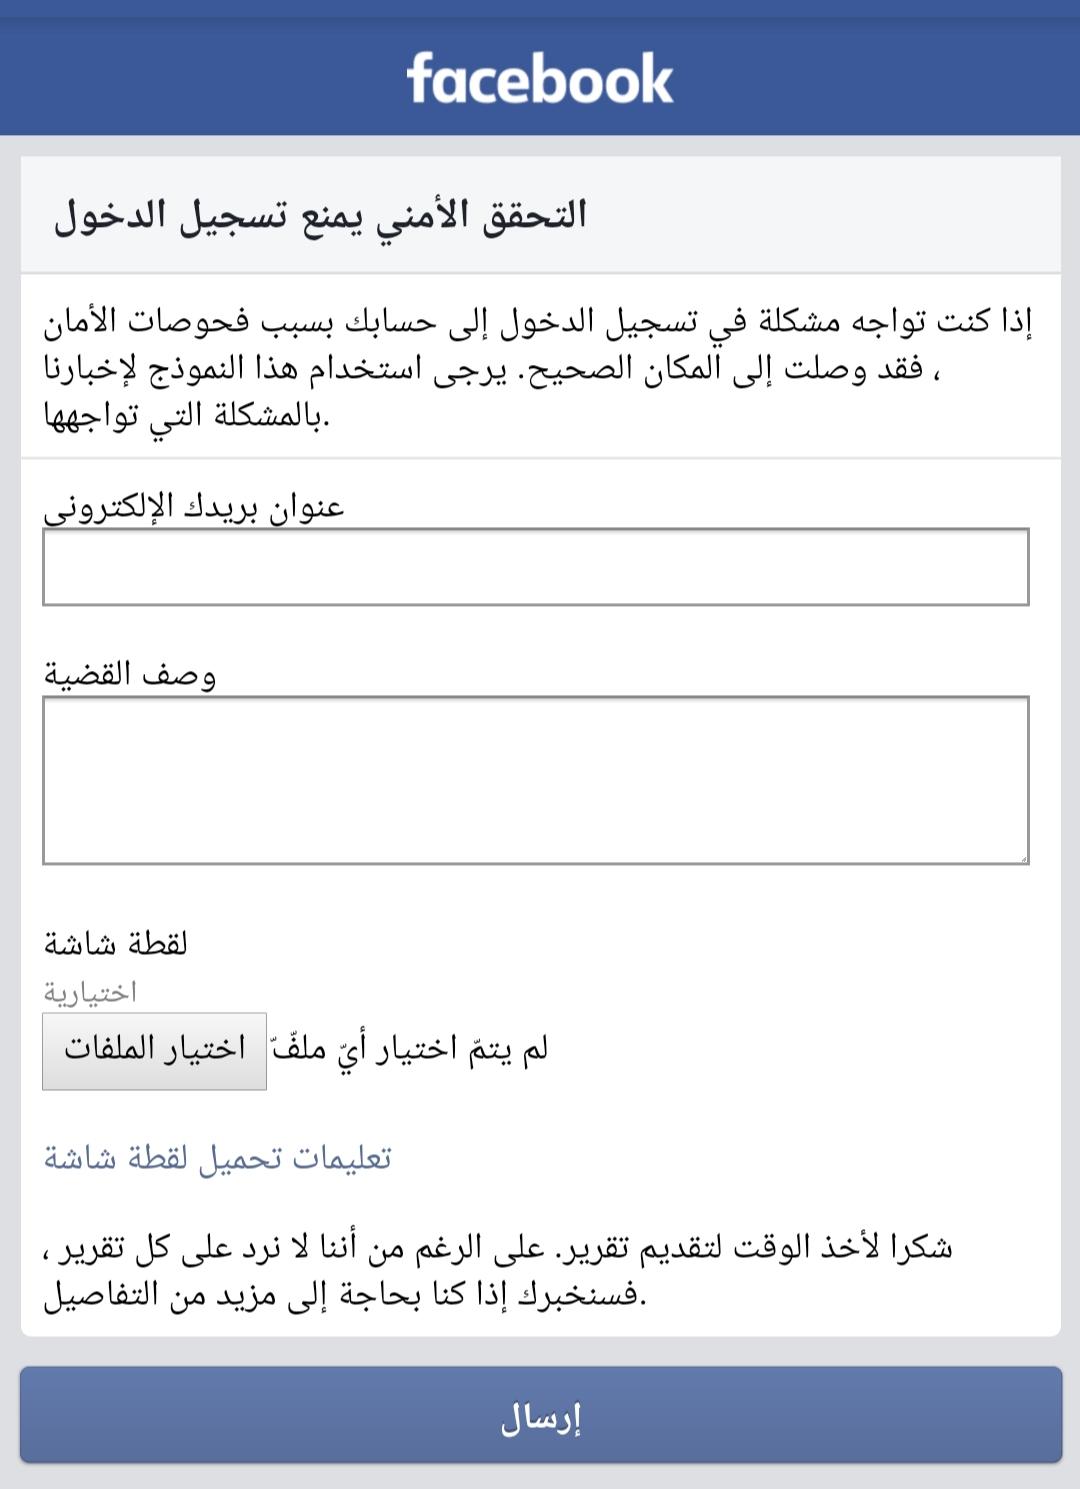 رابط استرجاع حساب فيس بوك معطل في الفترة الأخيرة